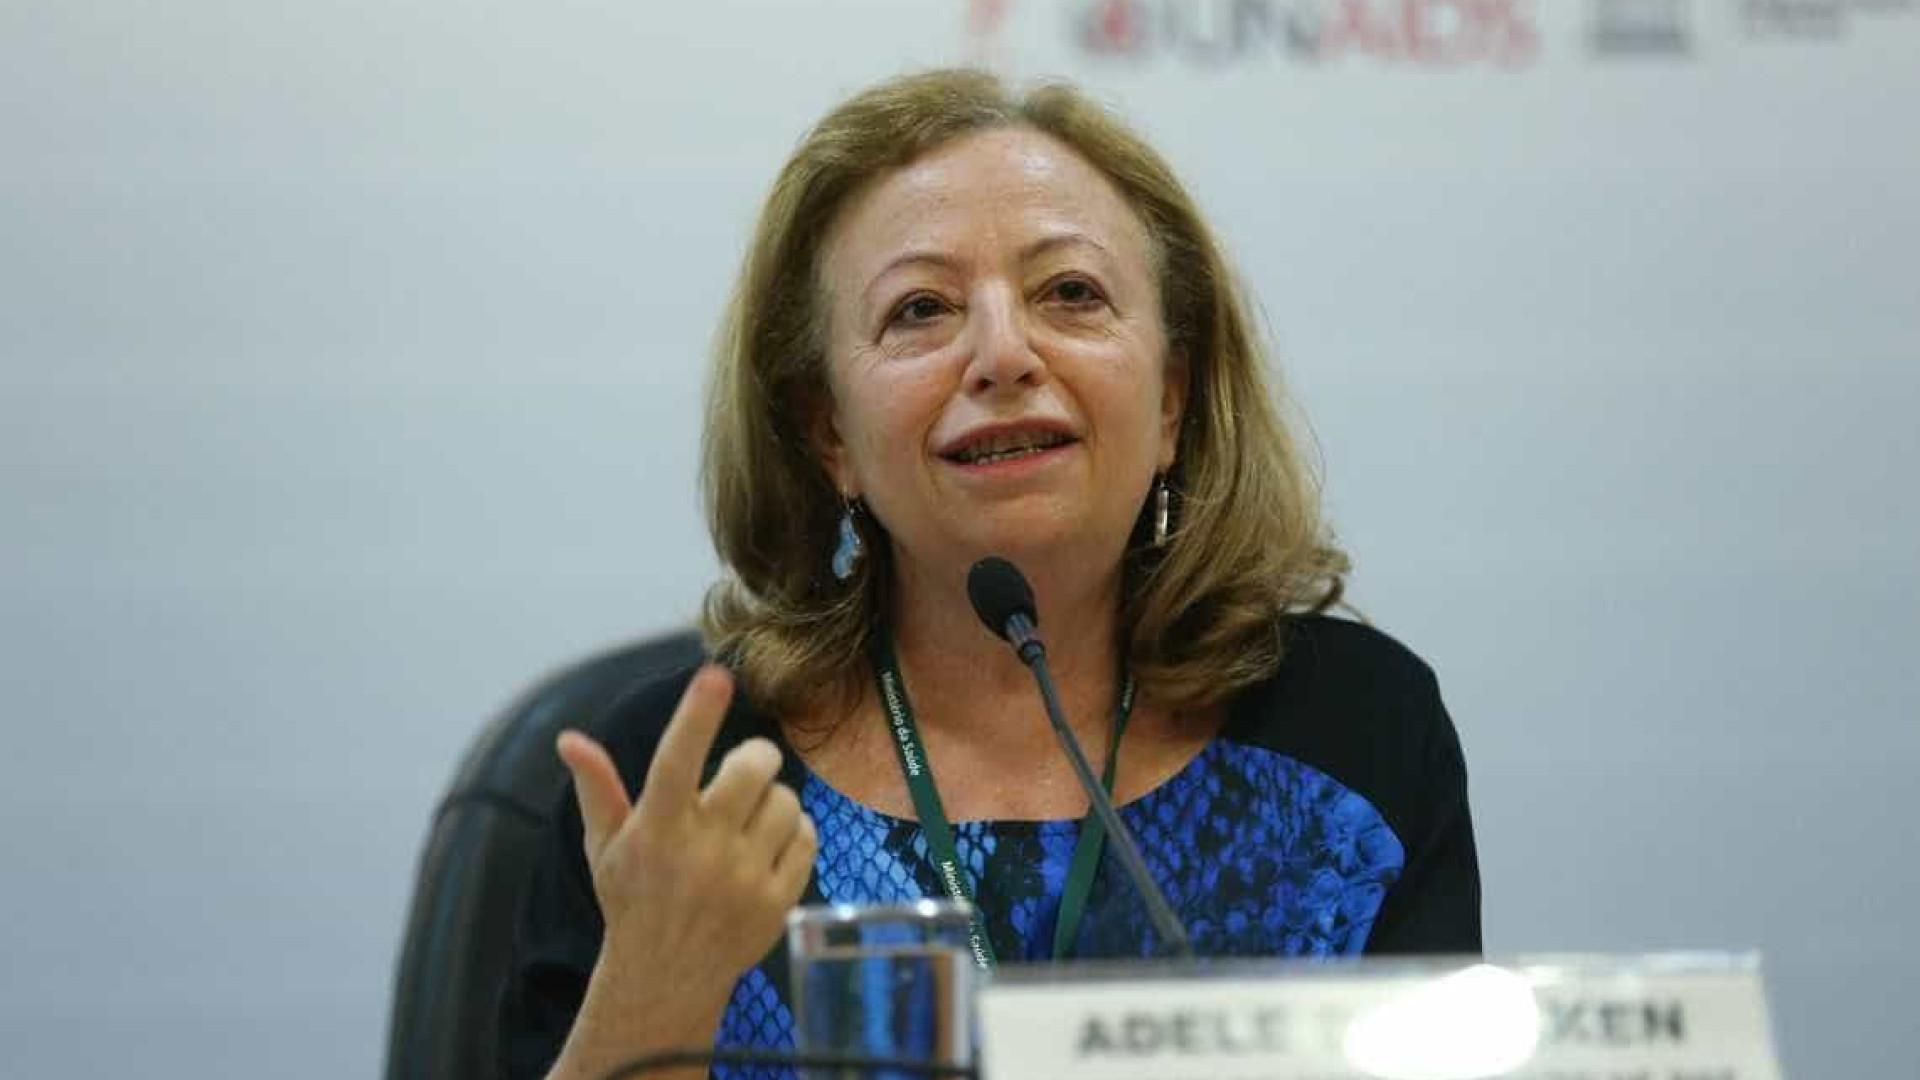 Diretora do departamento de HIV é exonerada, e ONGs reagem